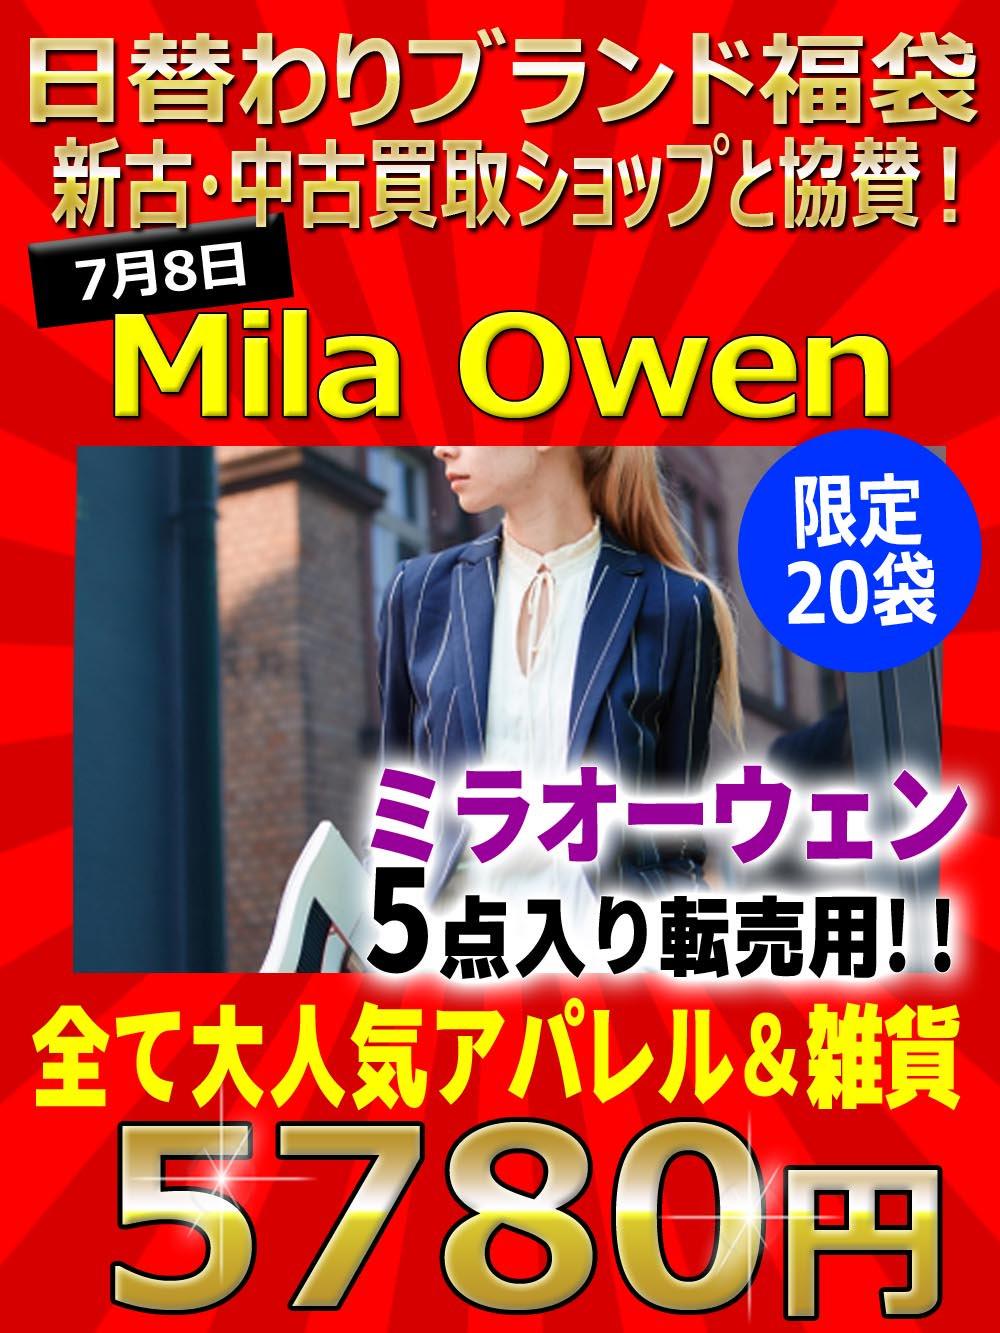 """限定19袋!日替わりブランド福袋!中古/新古ショップ協賛 """"Mila Owen""""【10点】5980円"""